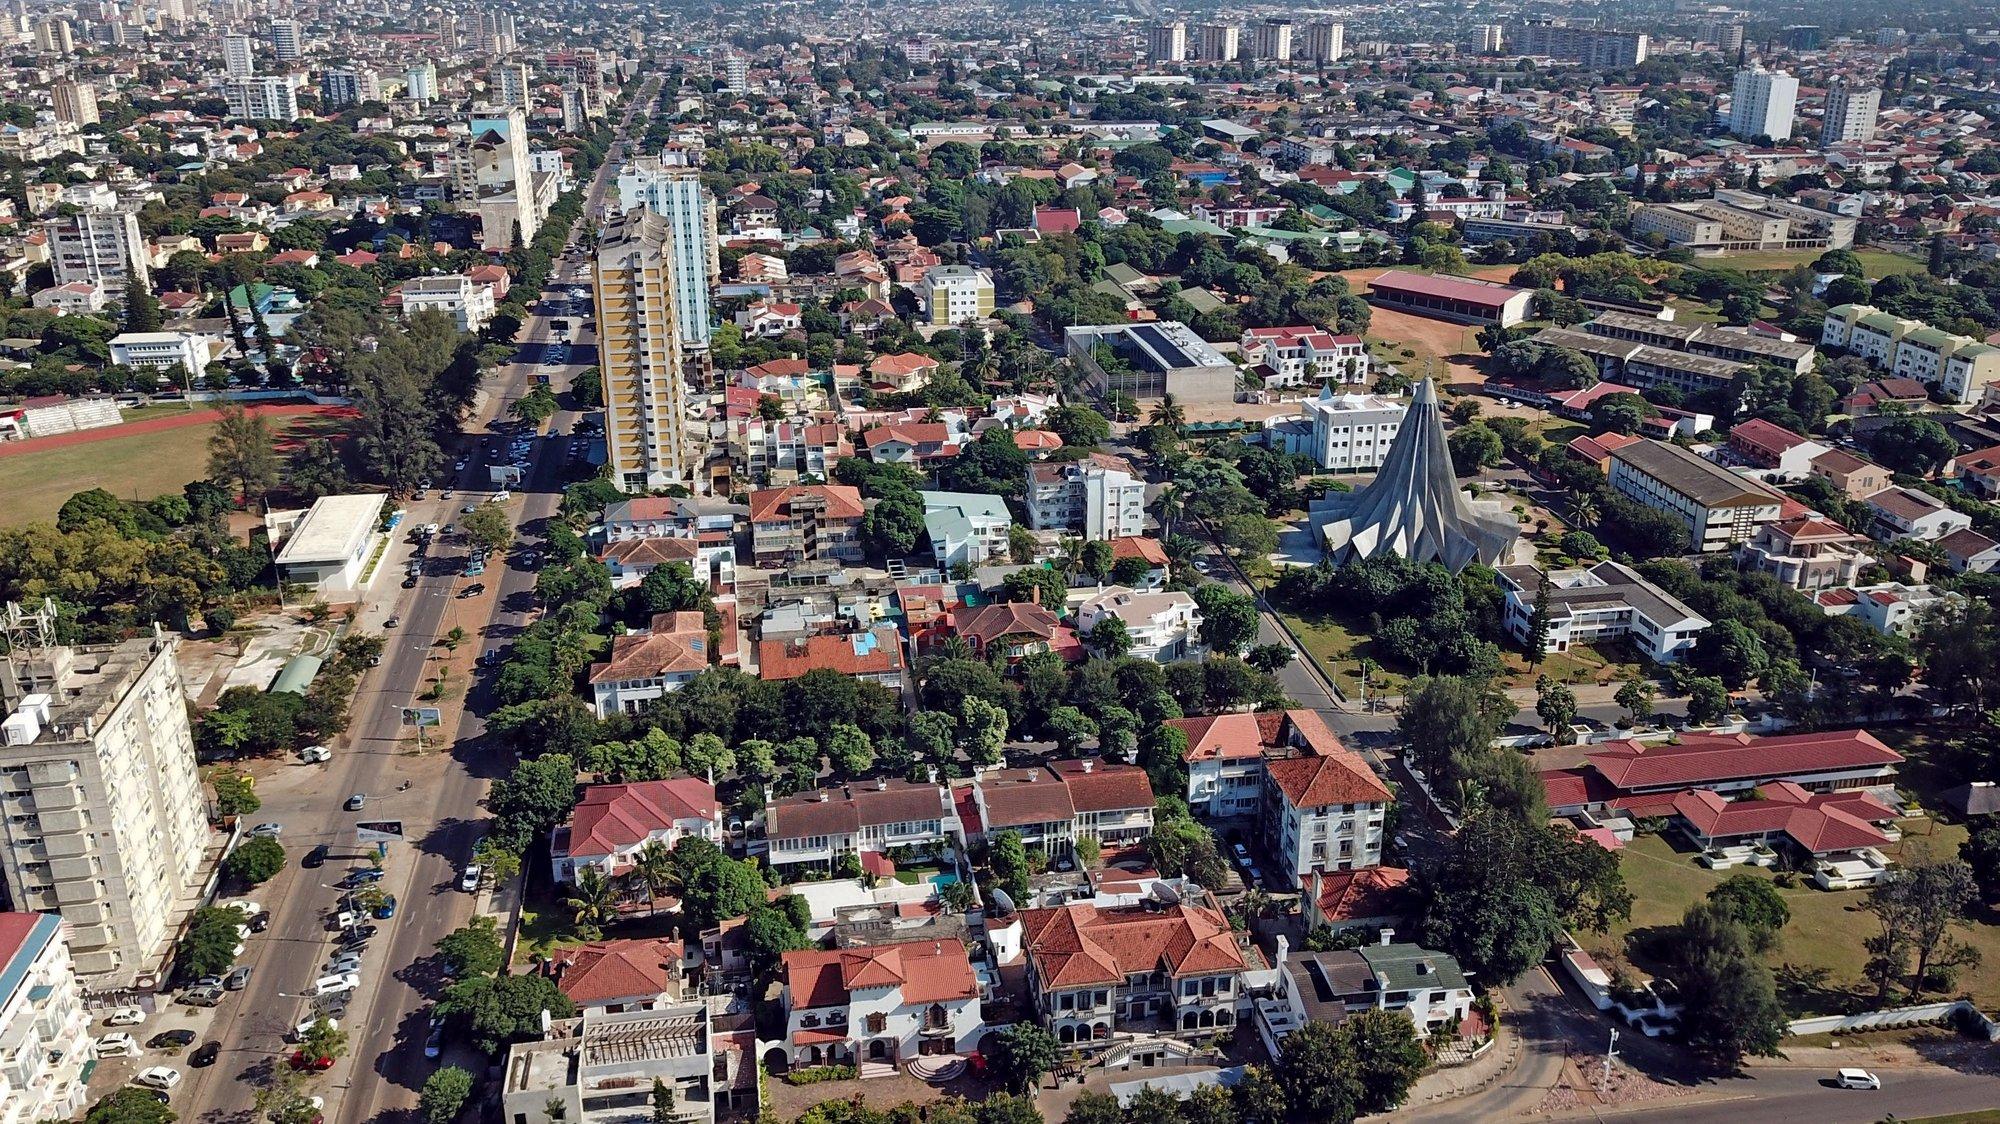 Fotografia aérea sobre o bairro Sommerschild, em Maputo, Moçambique, 23 de abril de 2020. ANTÓNIO SILVA/LUSA